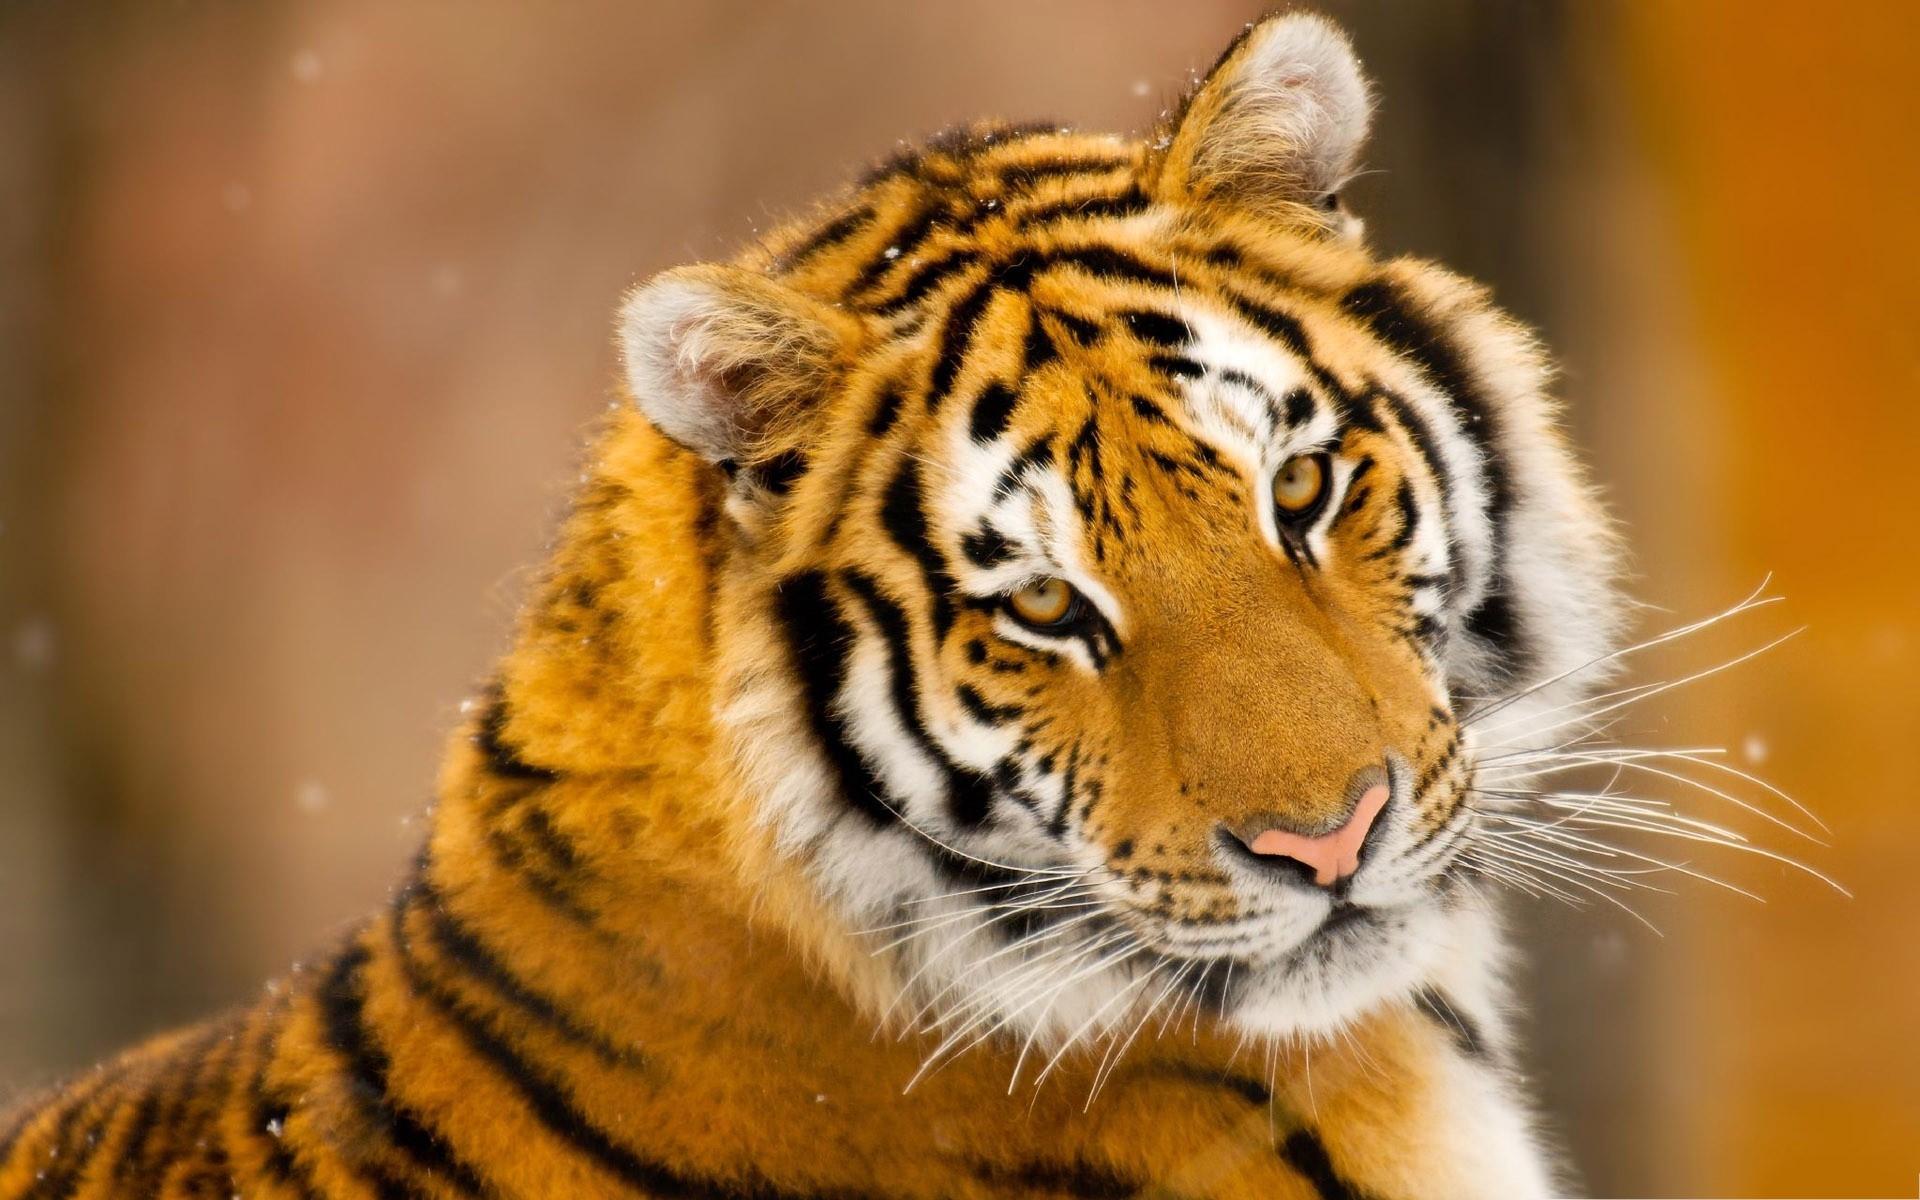 Картинка на рабочий стол тигр (20)